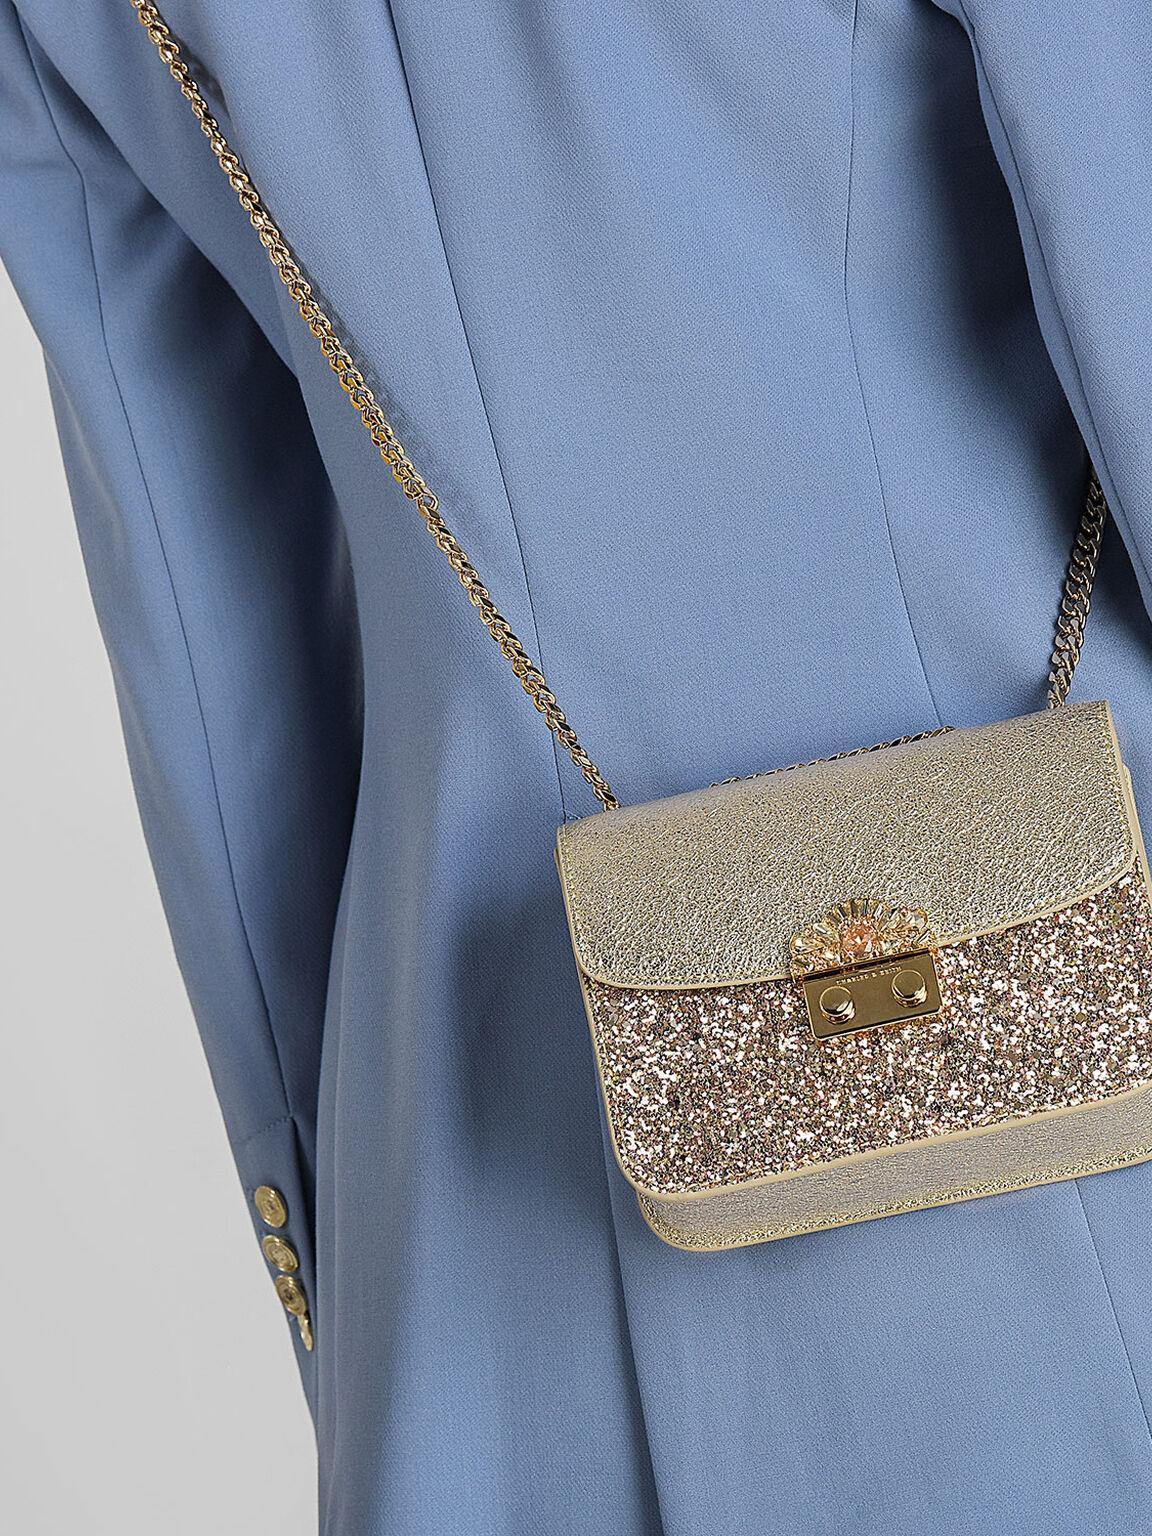 Embellished Buckle Crossbody Bag, Gold, hi-res